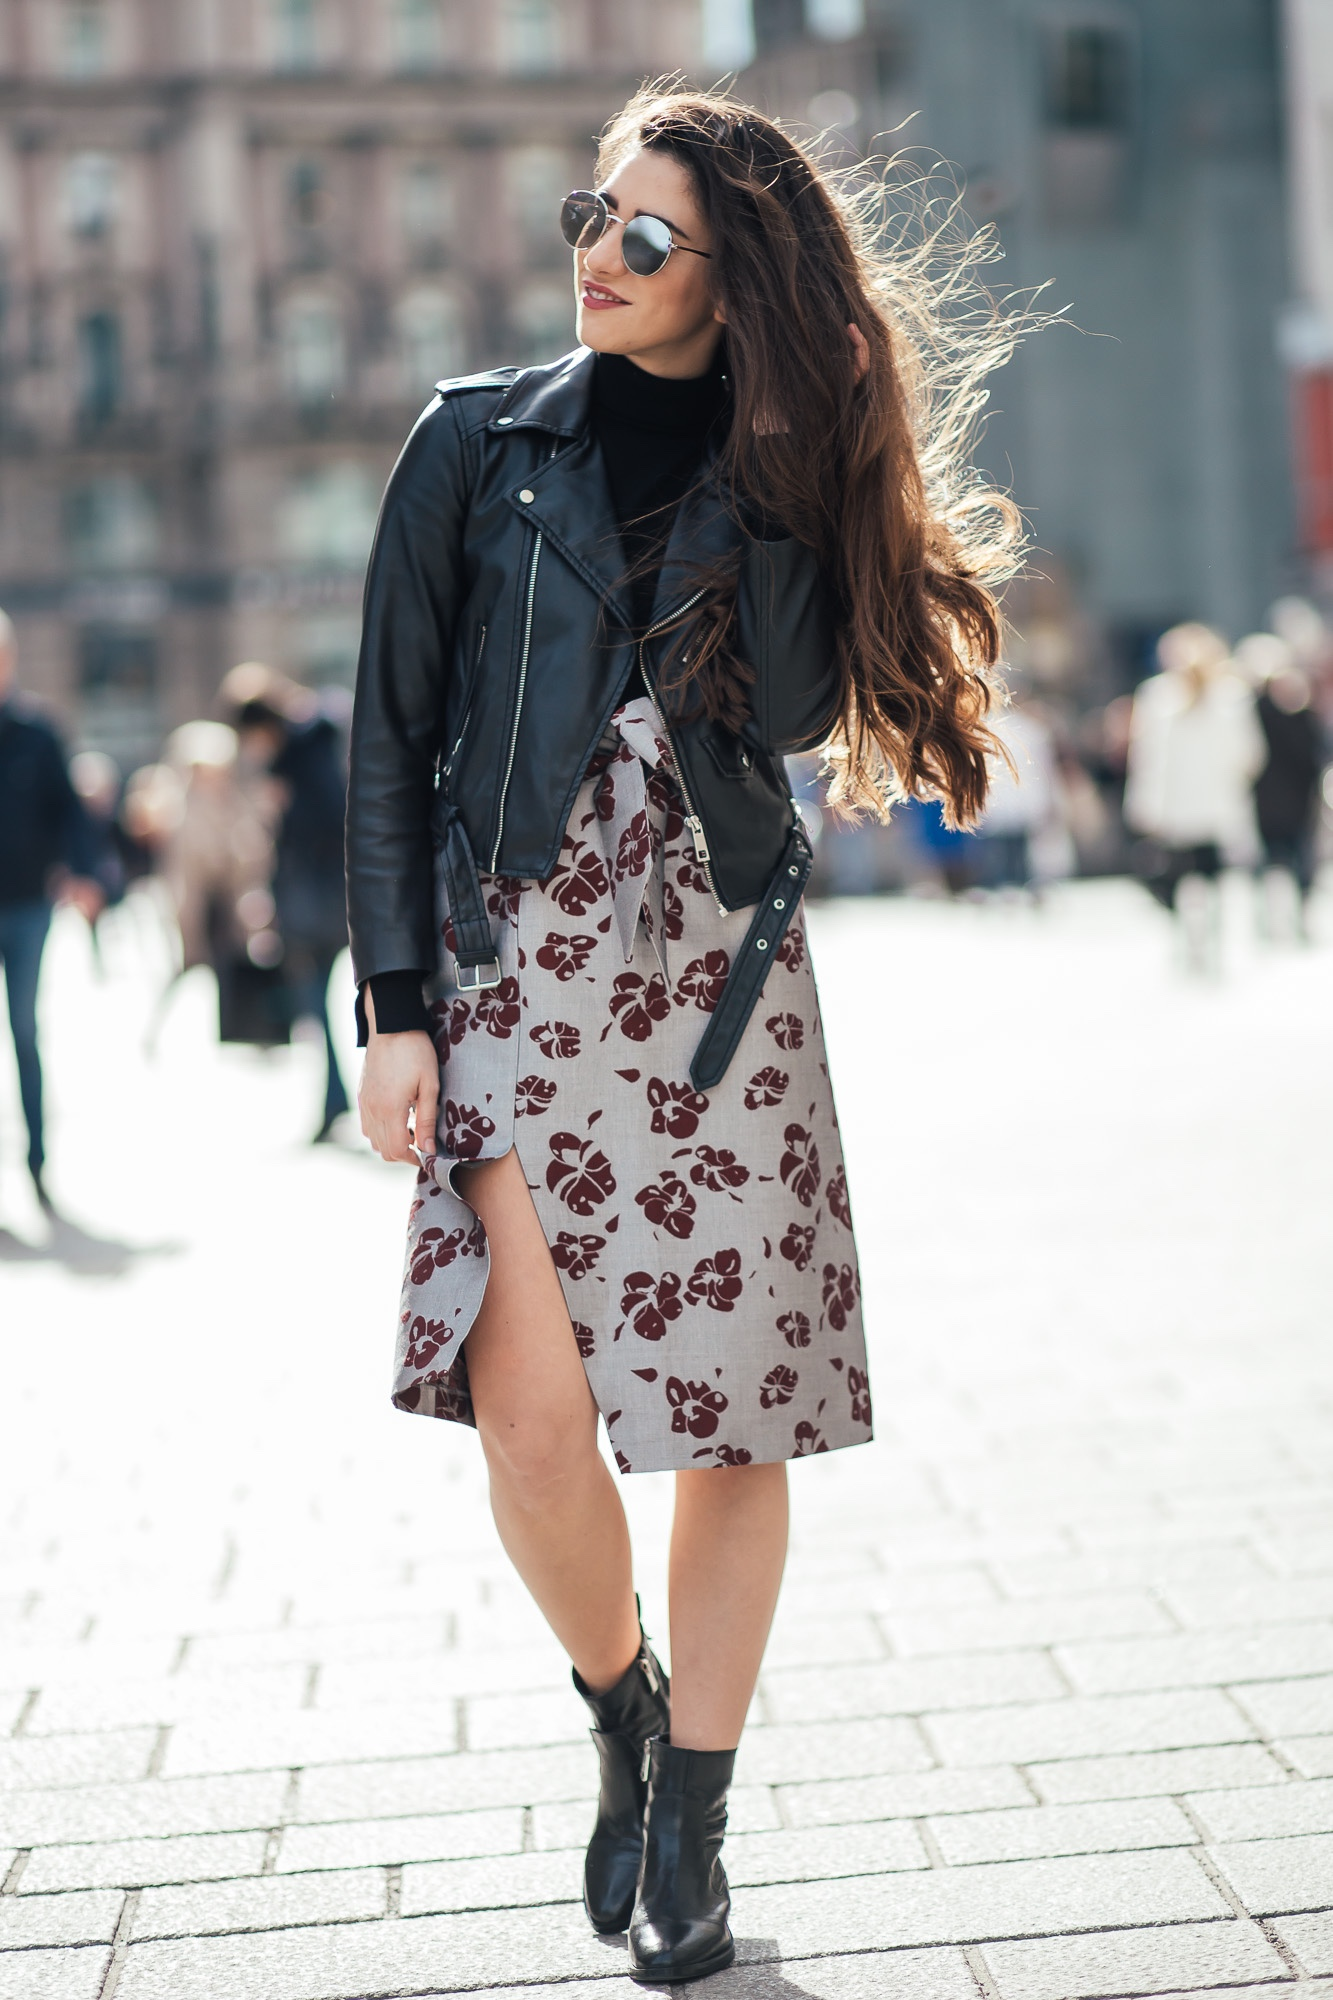 London Fashion Week #2 <br> SABINNA Show & Look